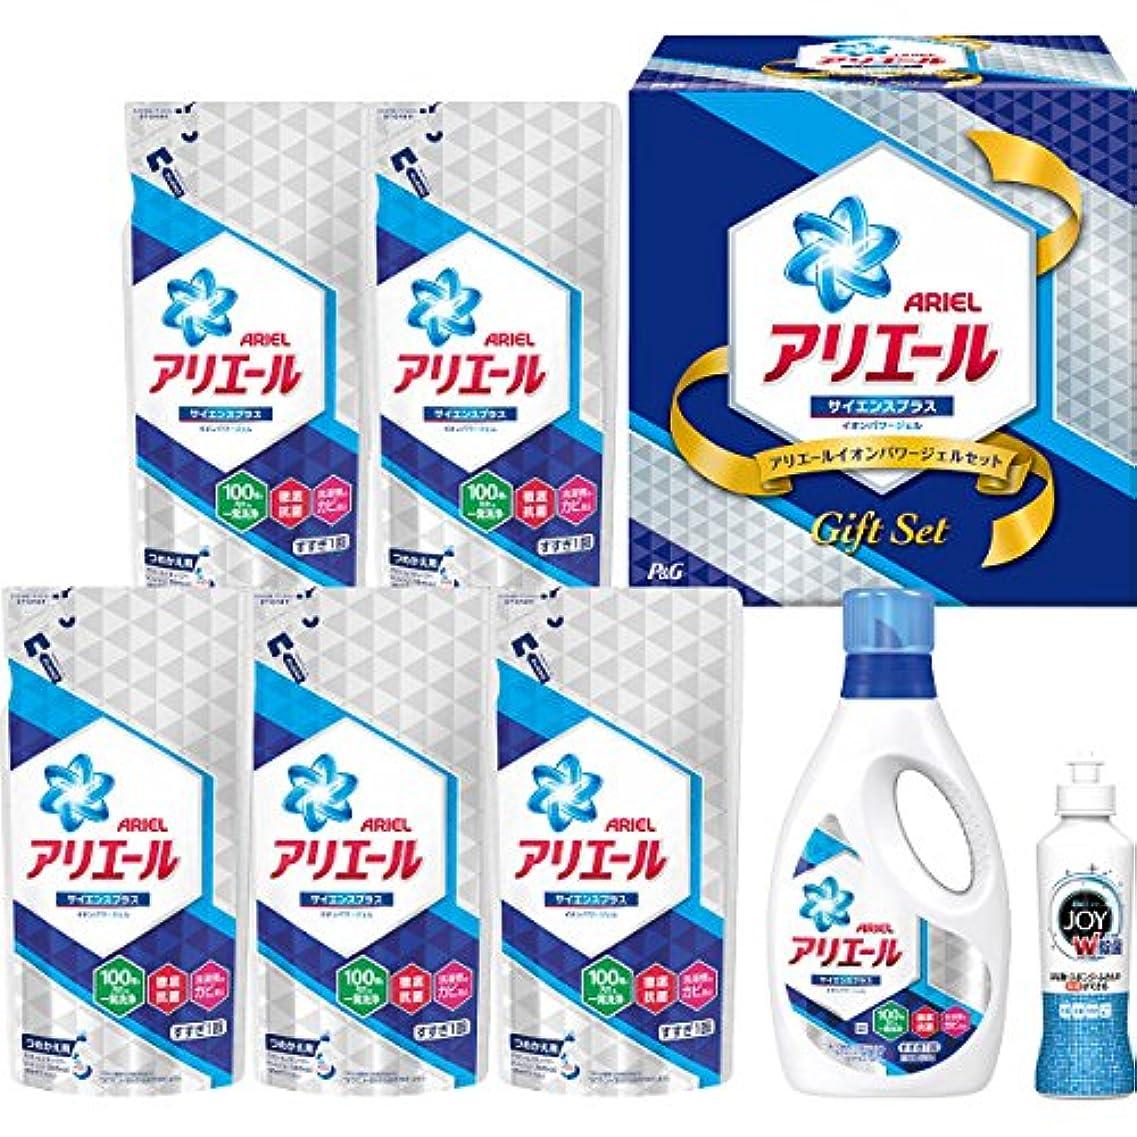 部悪行ソーシャルP&G(ピーアンドジー) 【お歳暮2018】P&G アリエールイオンパワージェルセット(PGIG-40XA)